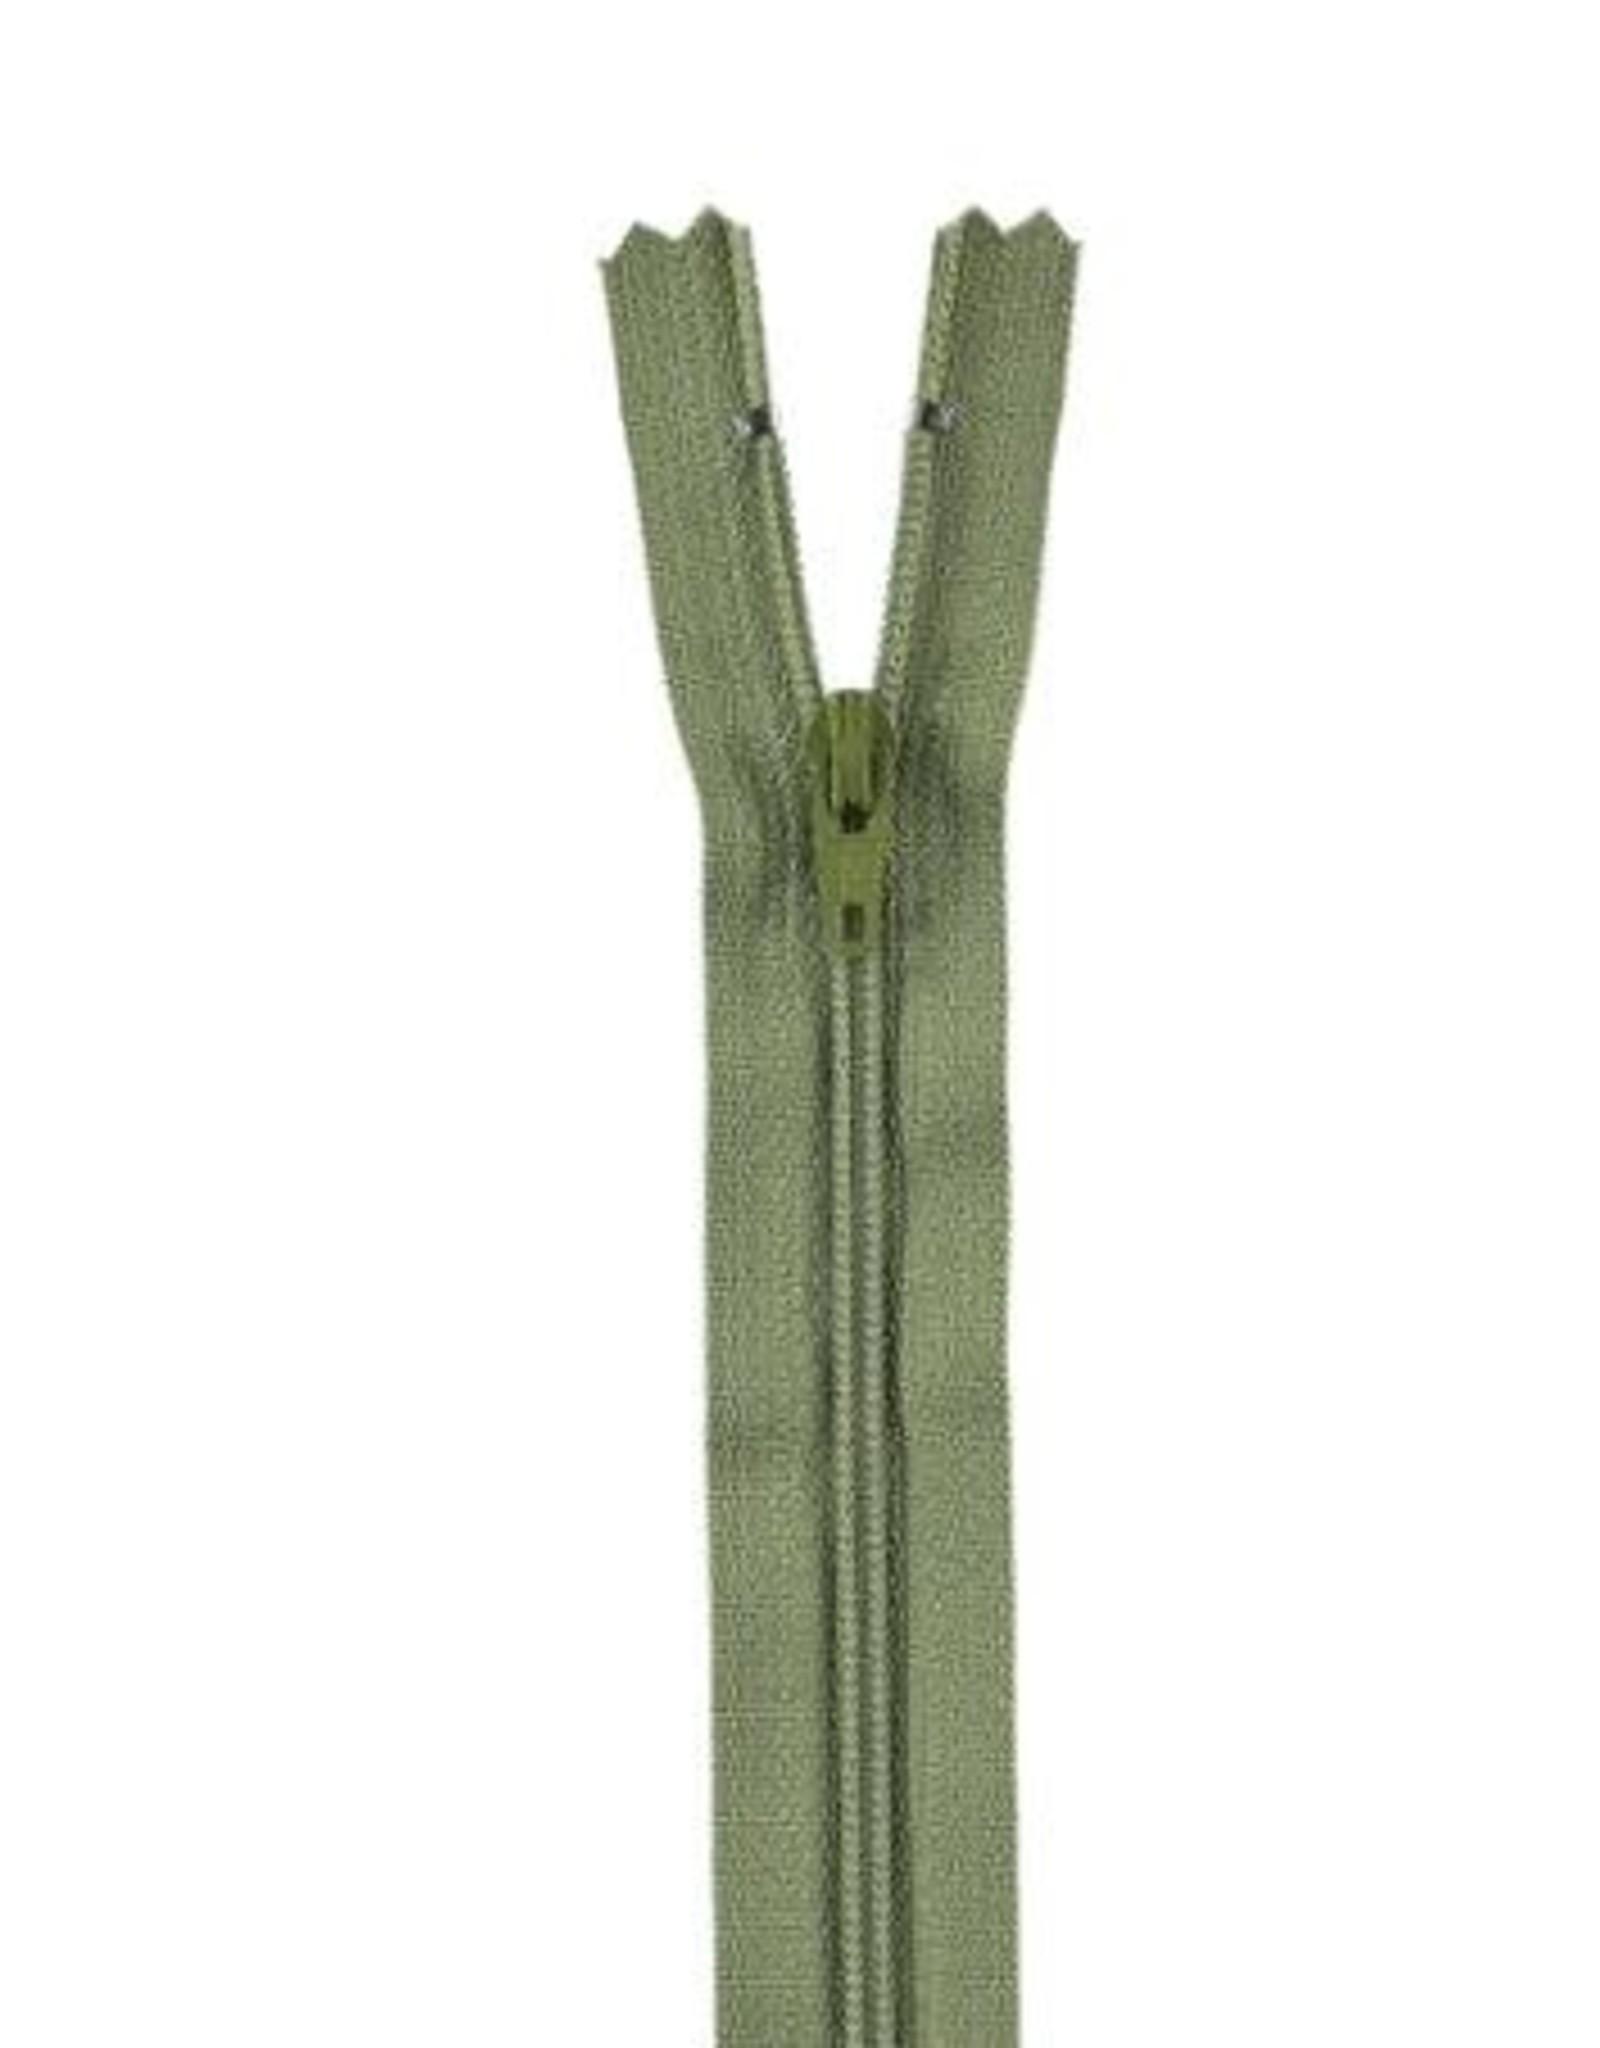 YKK Spiraalrits niet-DB 3mm mosgroen 888-30cm